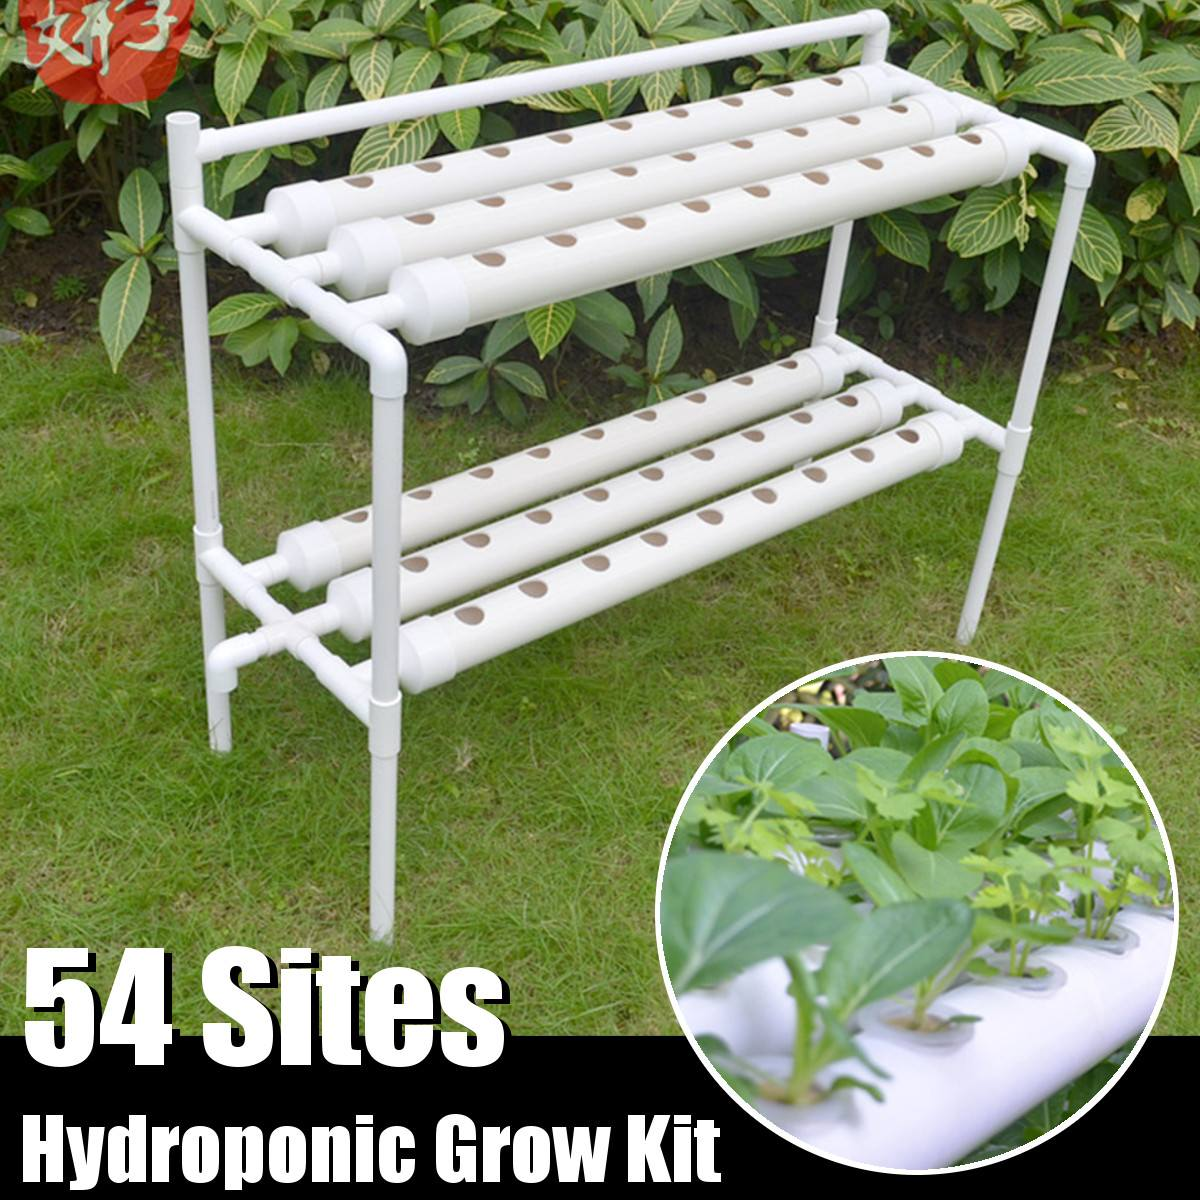 54 مواقع النباتات أنظمة المزارع المائية تنمو عدة الحضانة الأواني مكافحة الآفات Soilless زراعة داخلي حديقة زراعة الخضروات